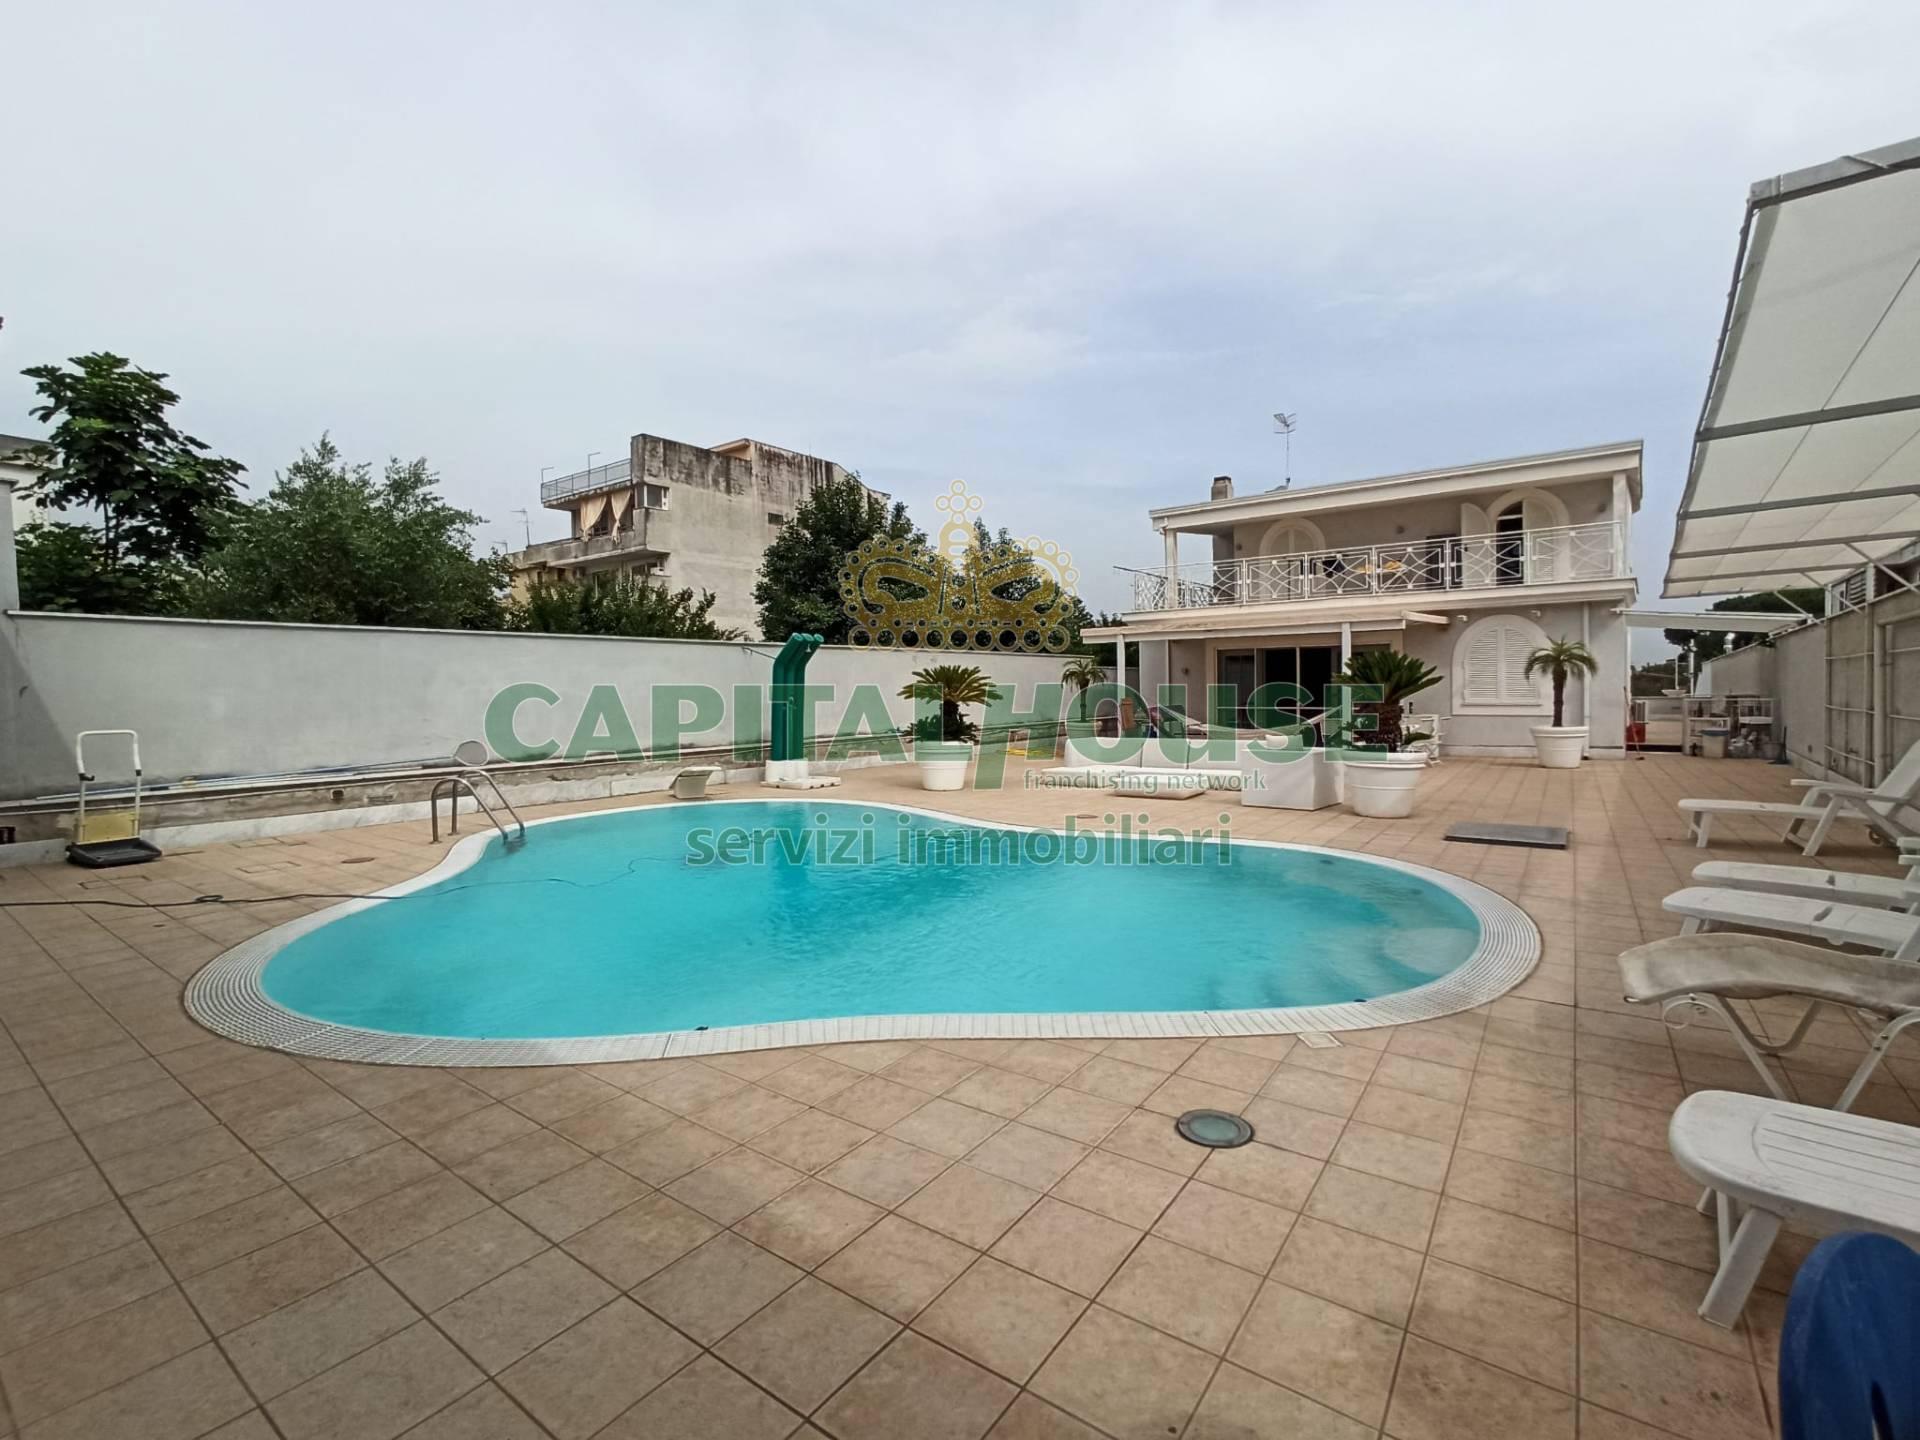 Villa in affitto a Ottaviano, 4 locali, prezzo € 2.500 | CambioCasa.it